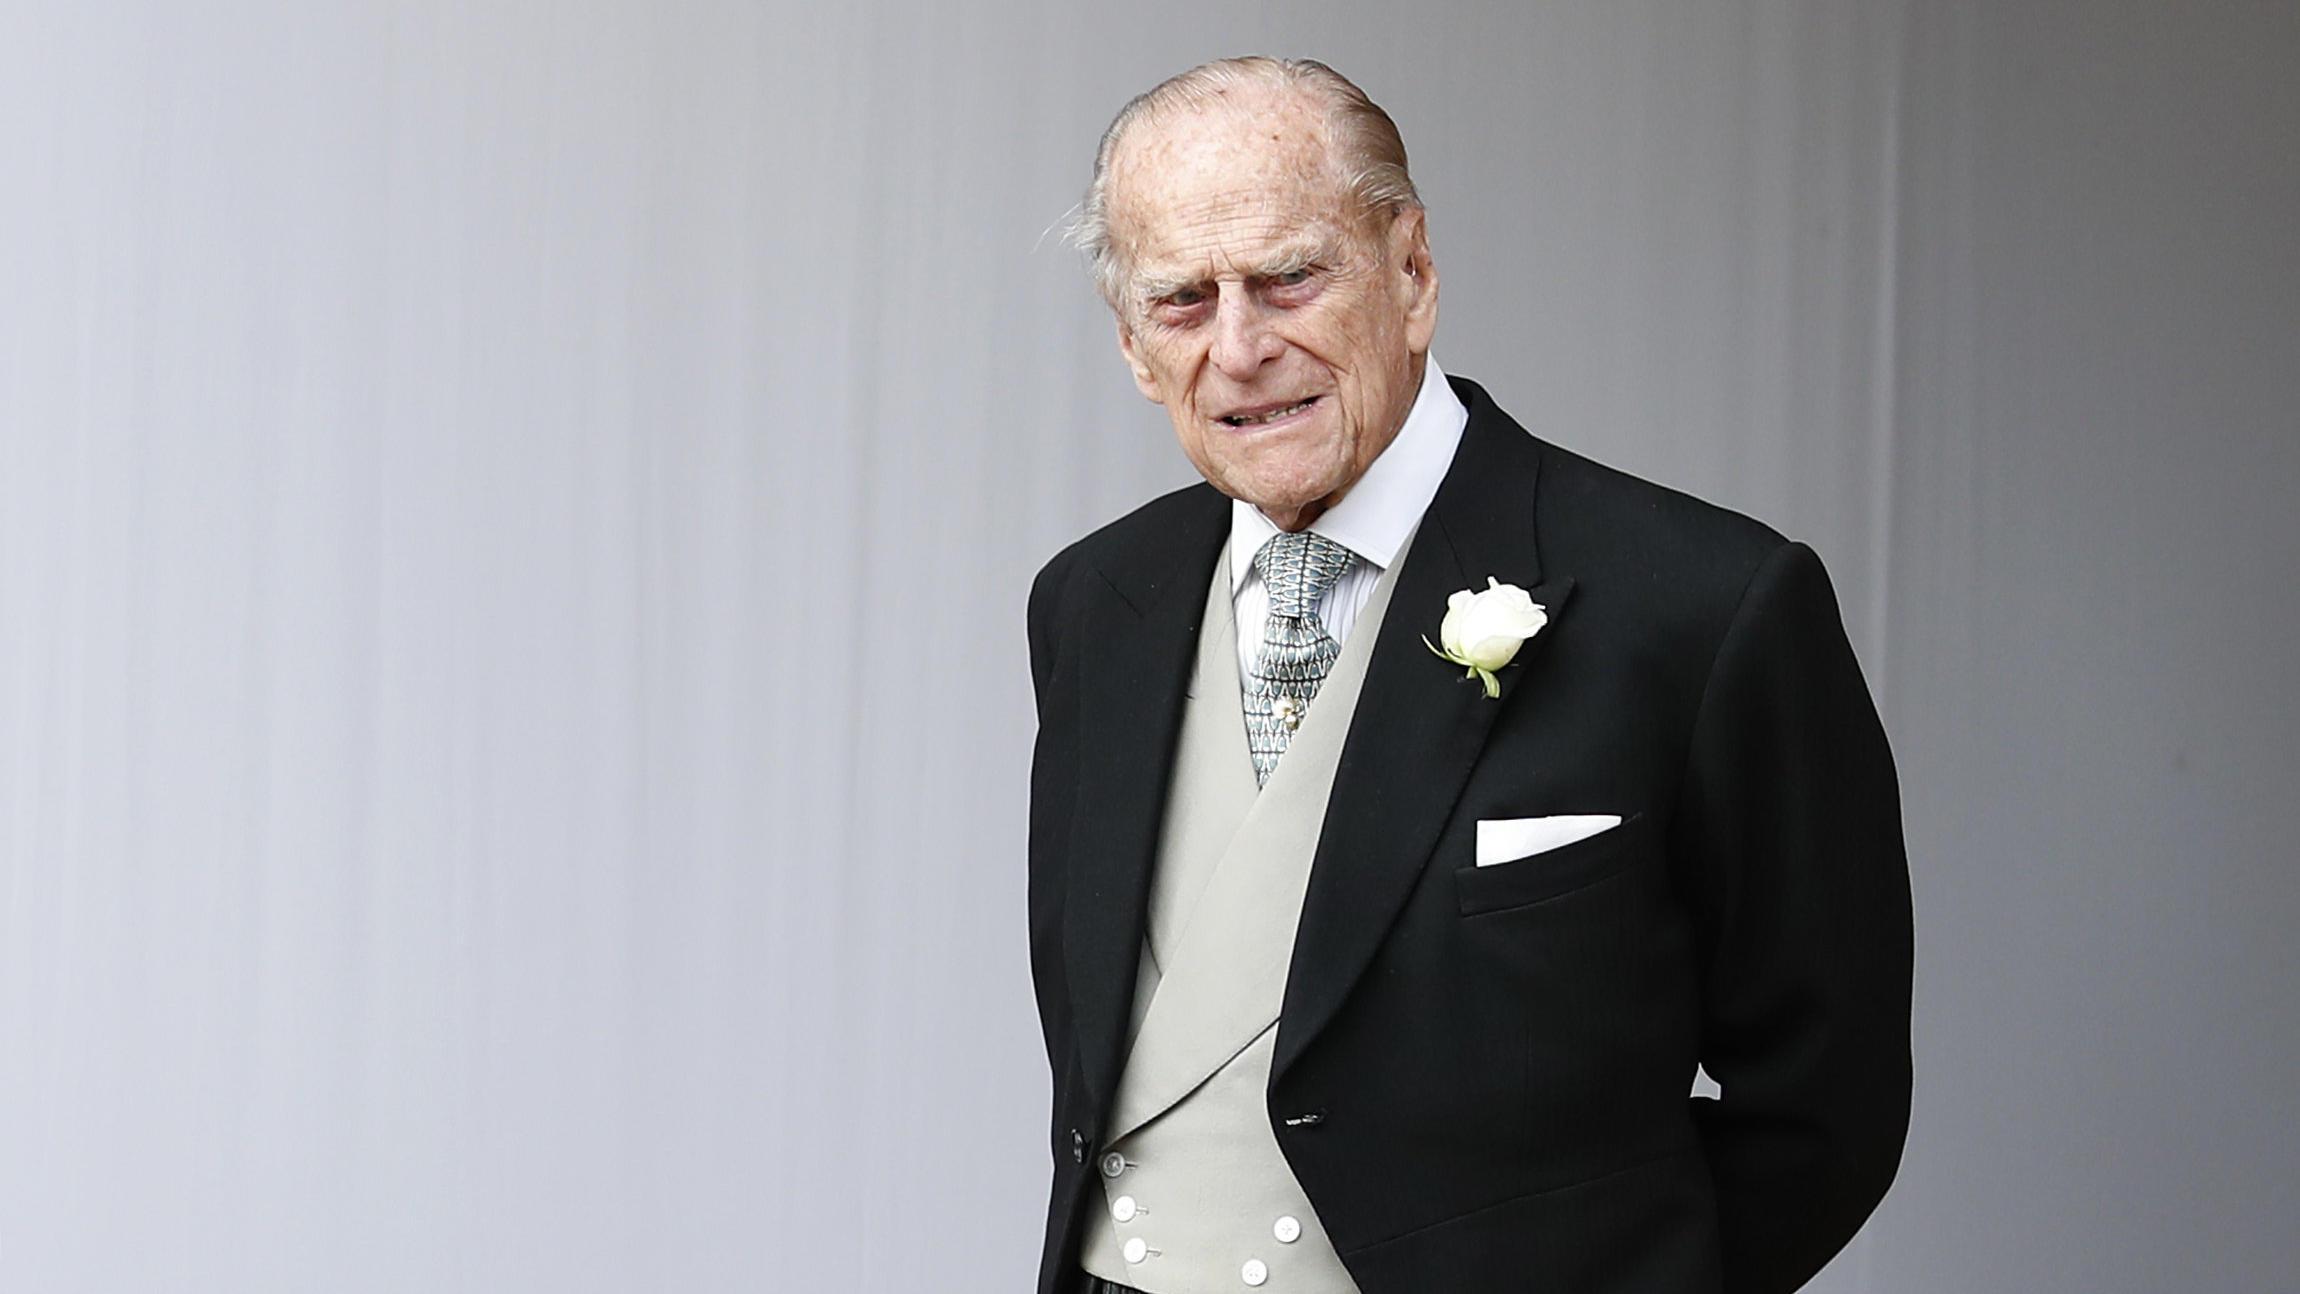 Prinz Philip (99) in der Klinik: Wie schlimm steht es wirklich um den Queen-Ehemann? - RTL Online